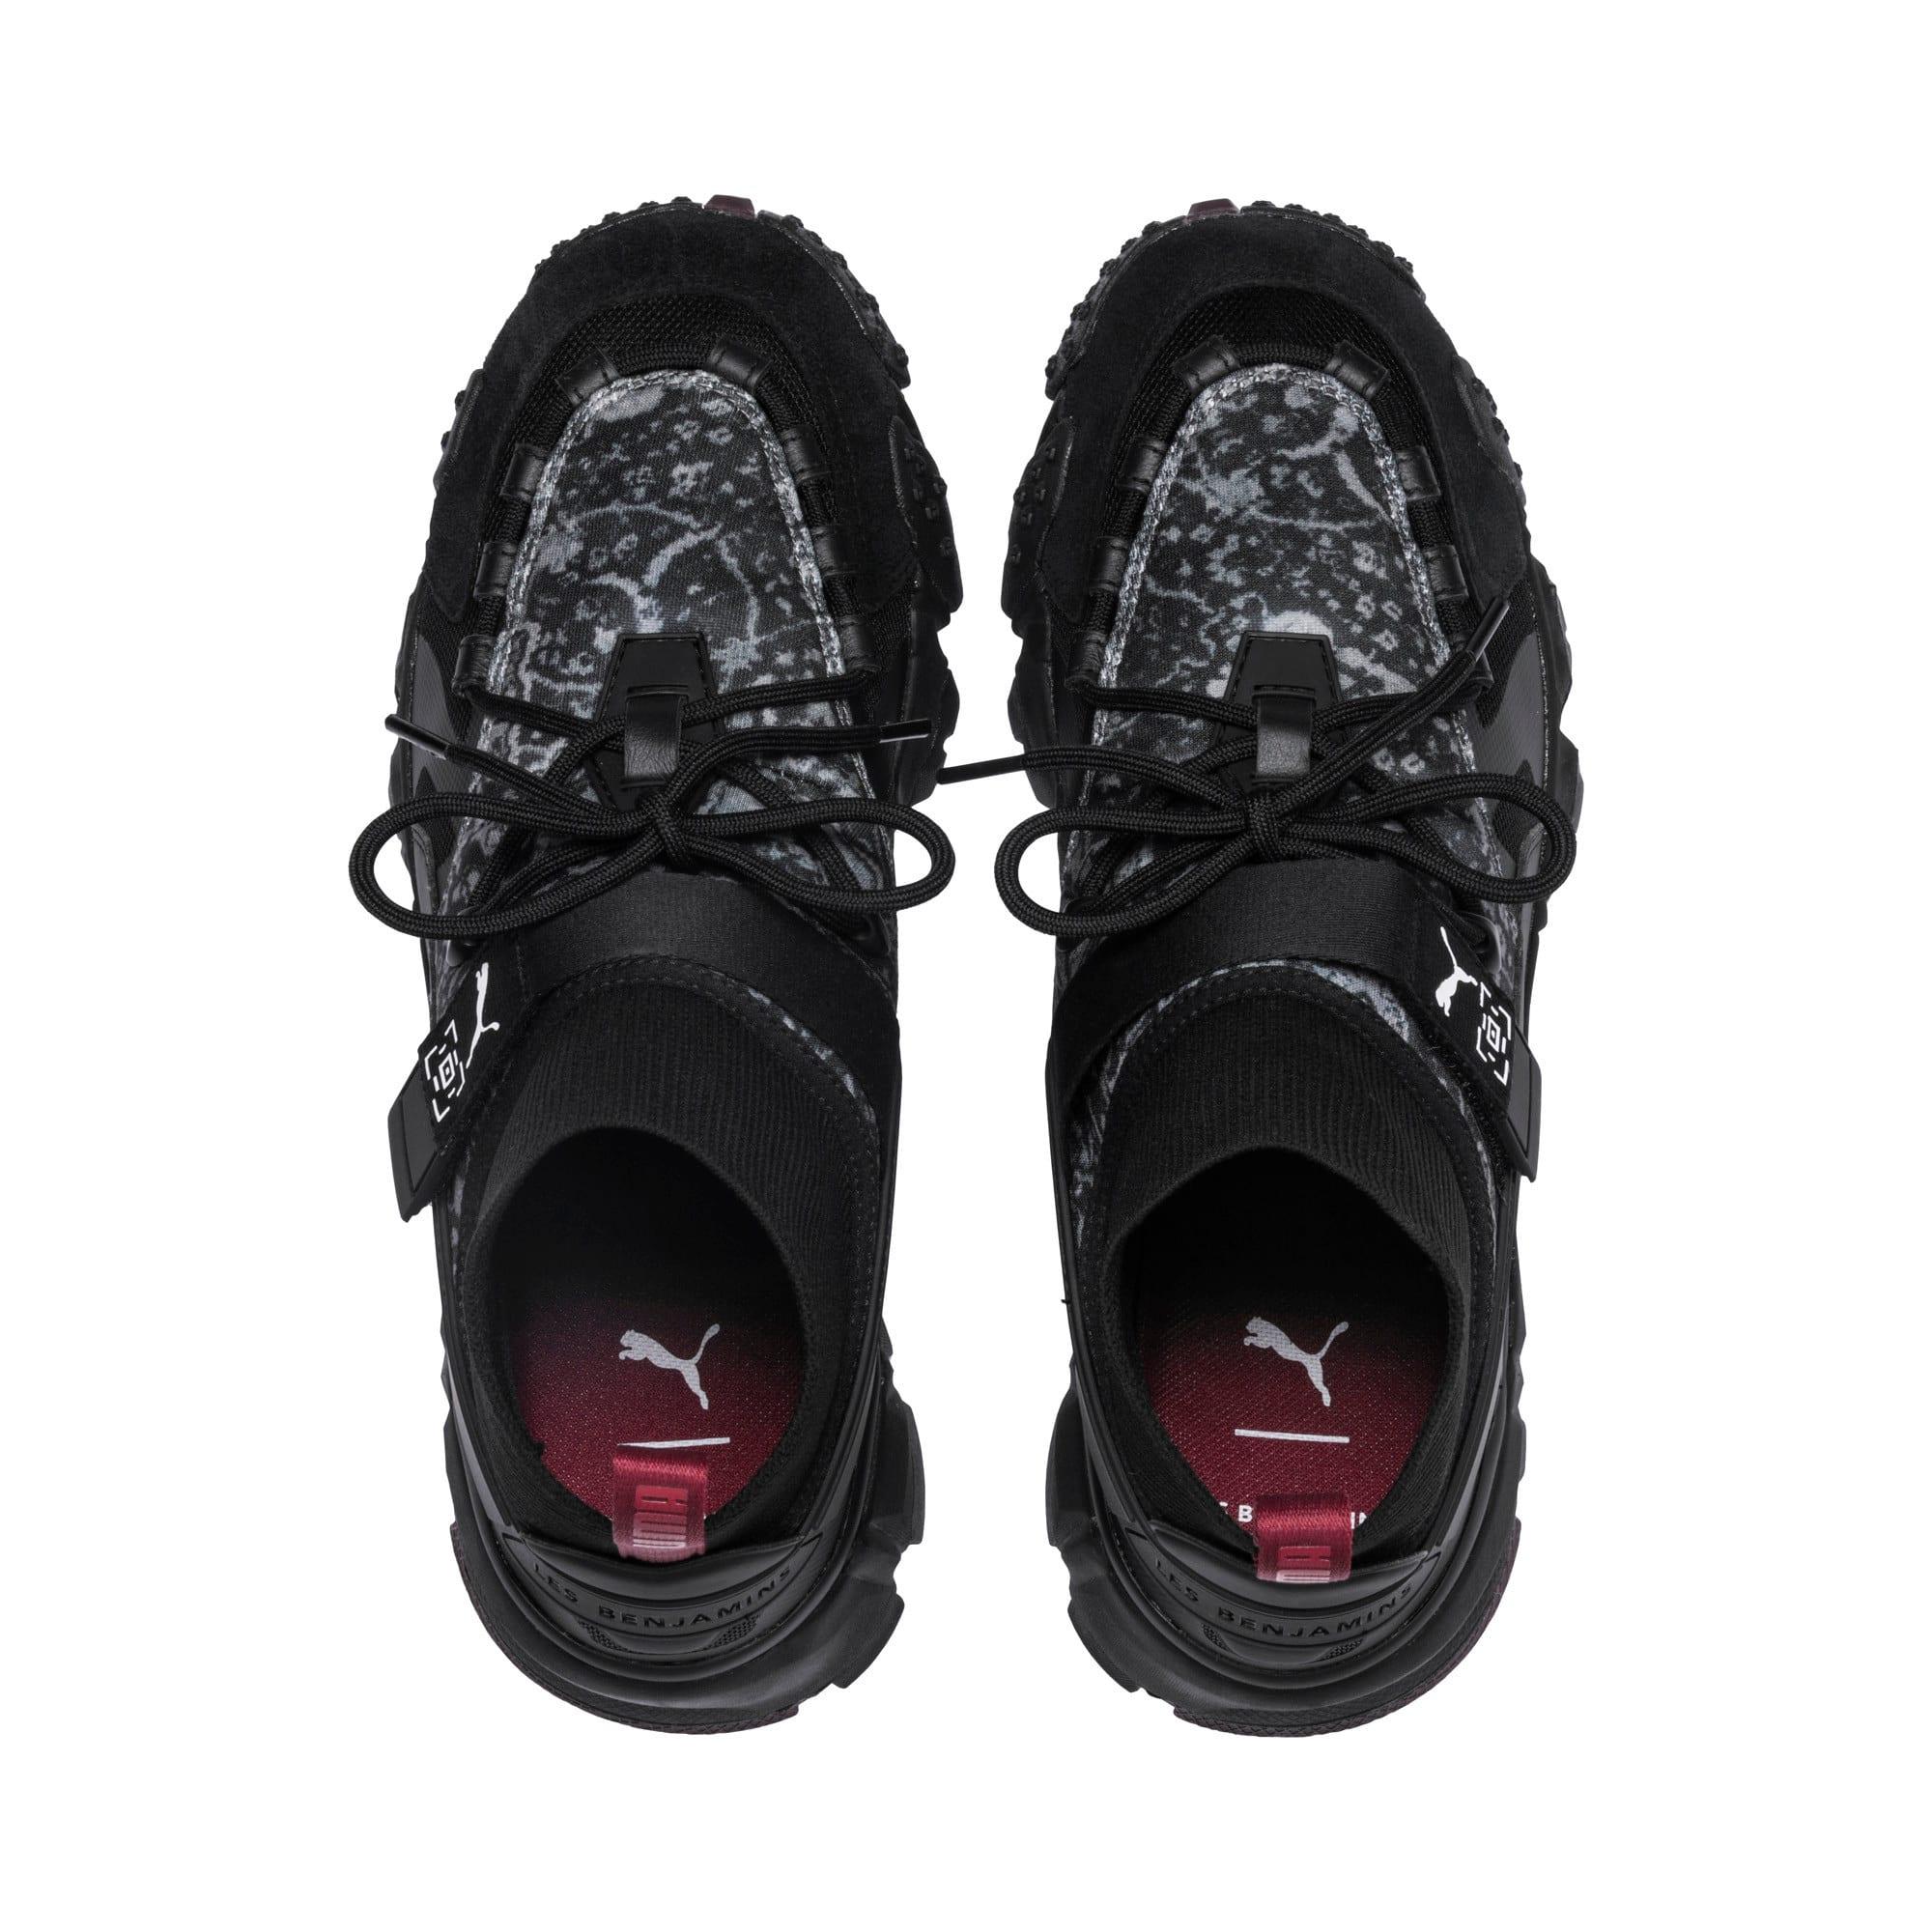 Thumbnail 7 of Trailfox LES BENJAMINS Sneakers, Puma Black, medium